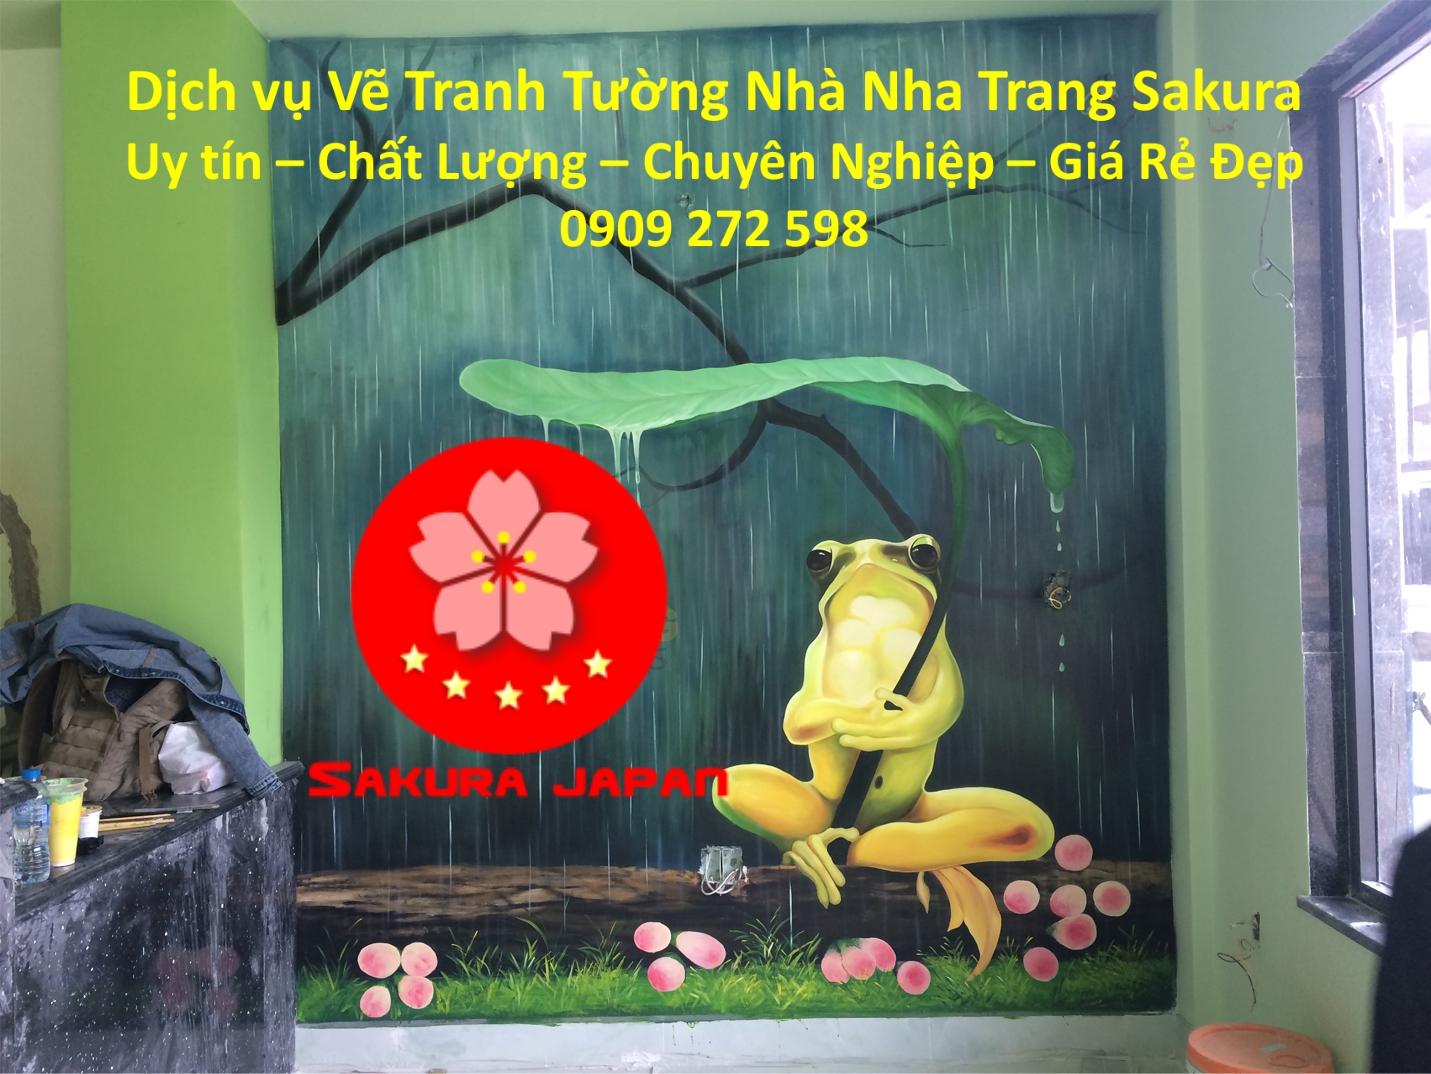 Dịch vụ Vẽ Tranh Tường Nhà ở tại Nha Trang Nghệ Thuật chuyên nghiệp Rẻ Đẹp Nhất 2